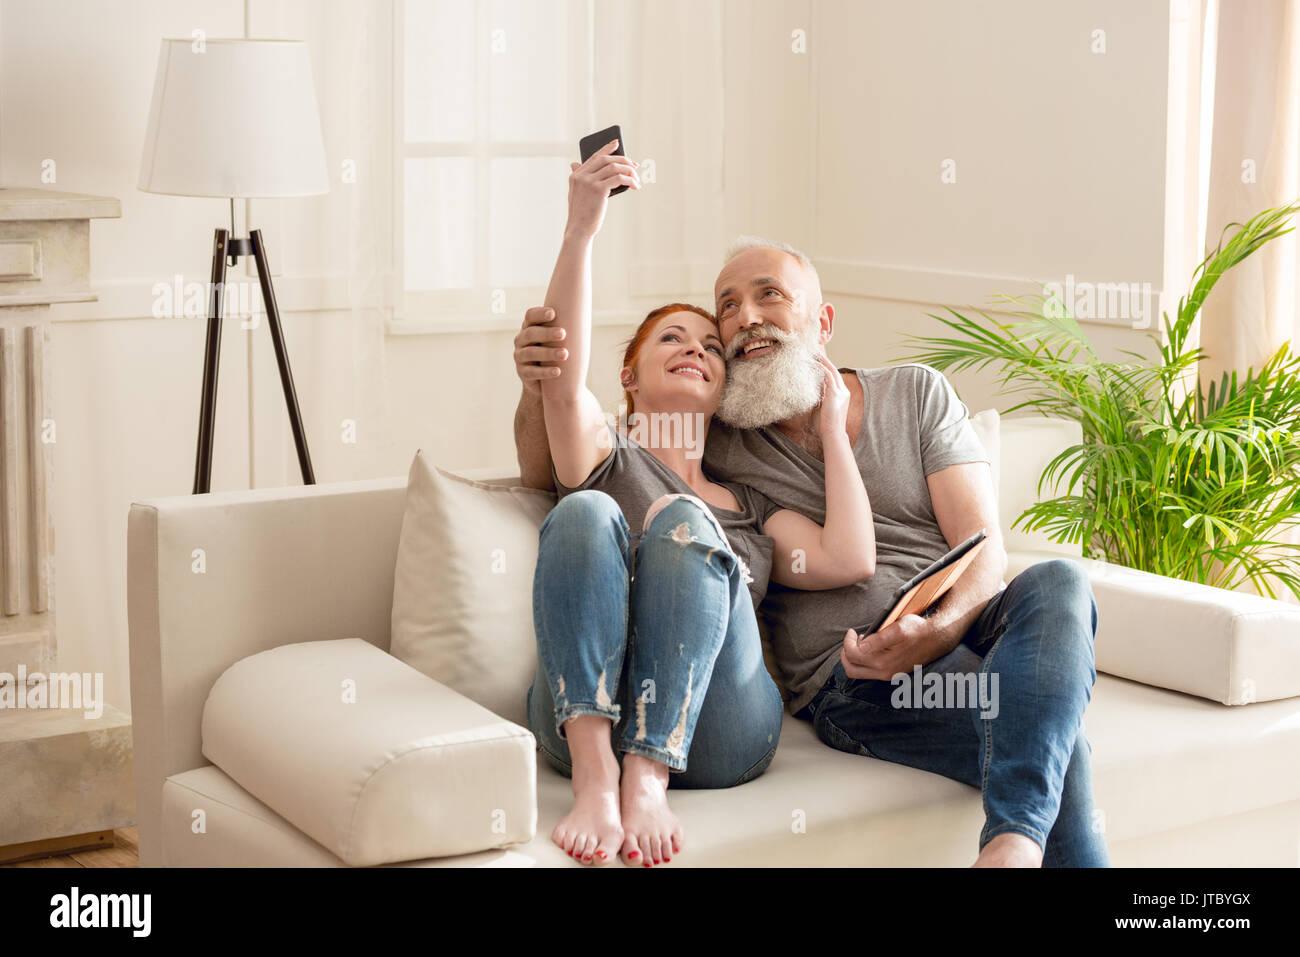 Felice Coppia matura tenendo selfie comodamente seduti sul divano di casa Immagini Stock